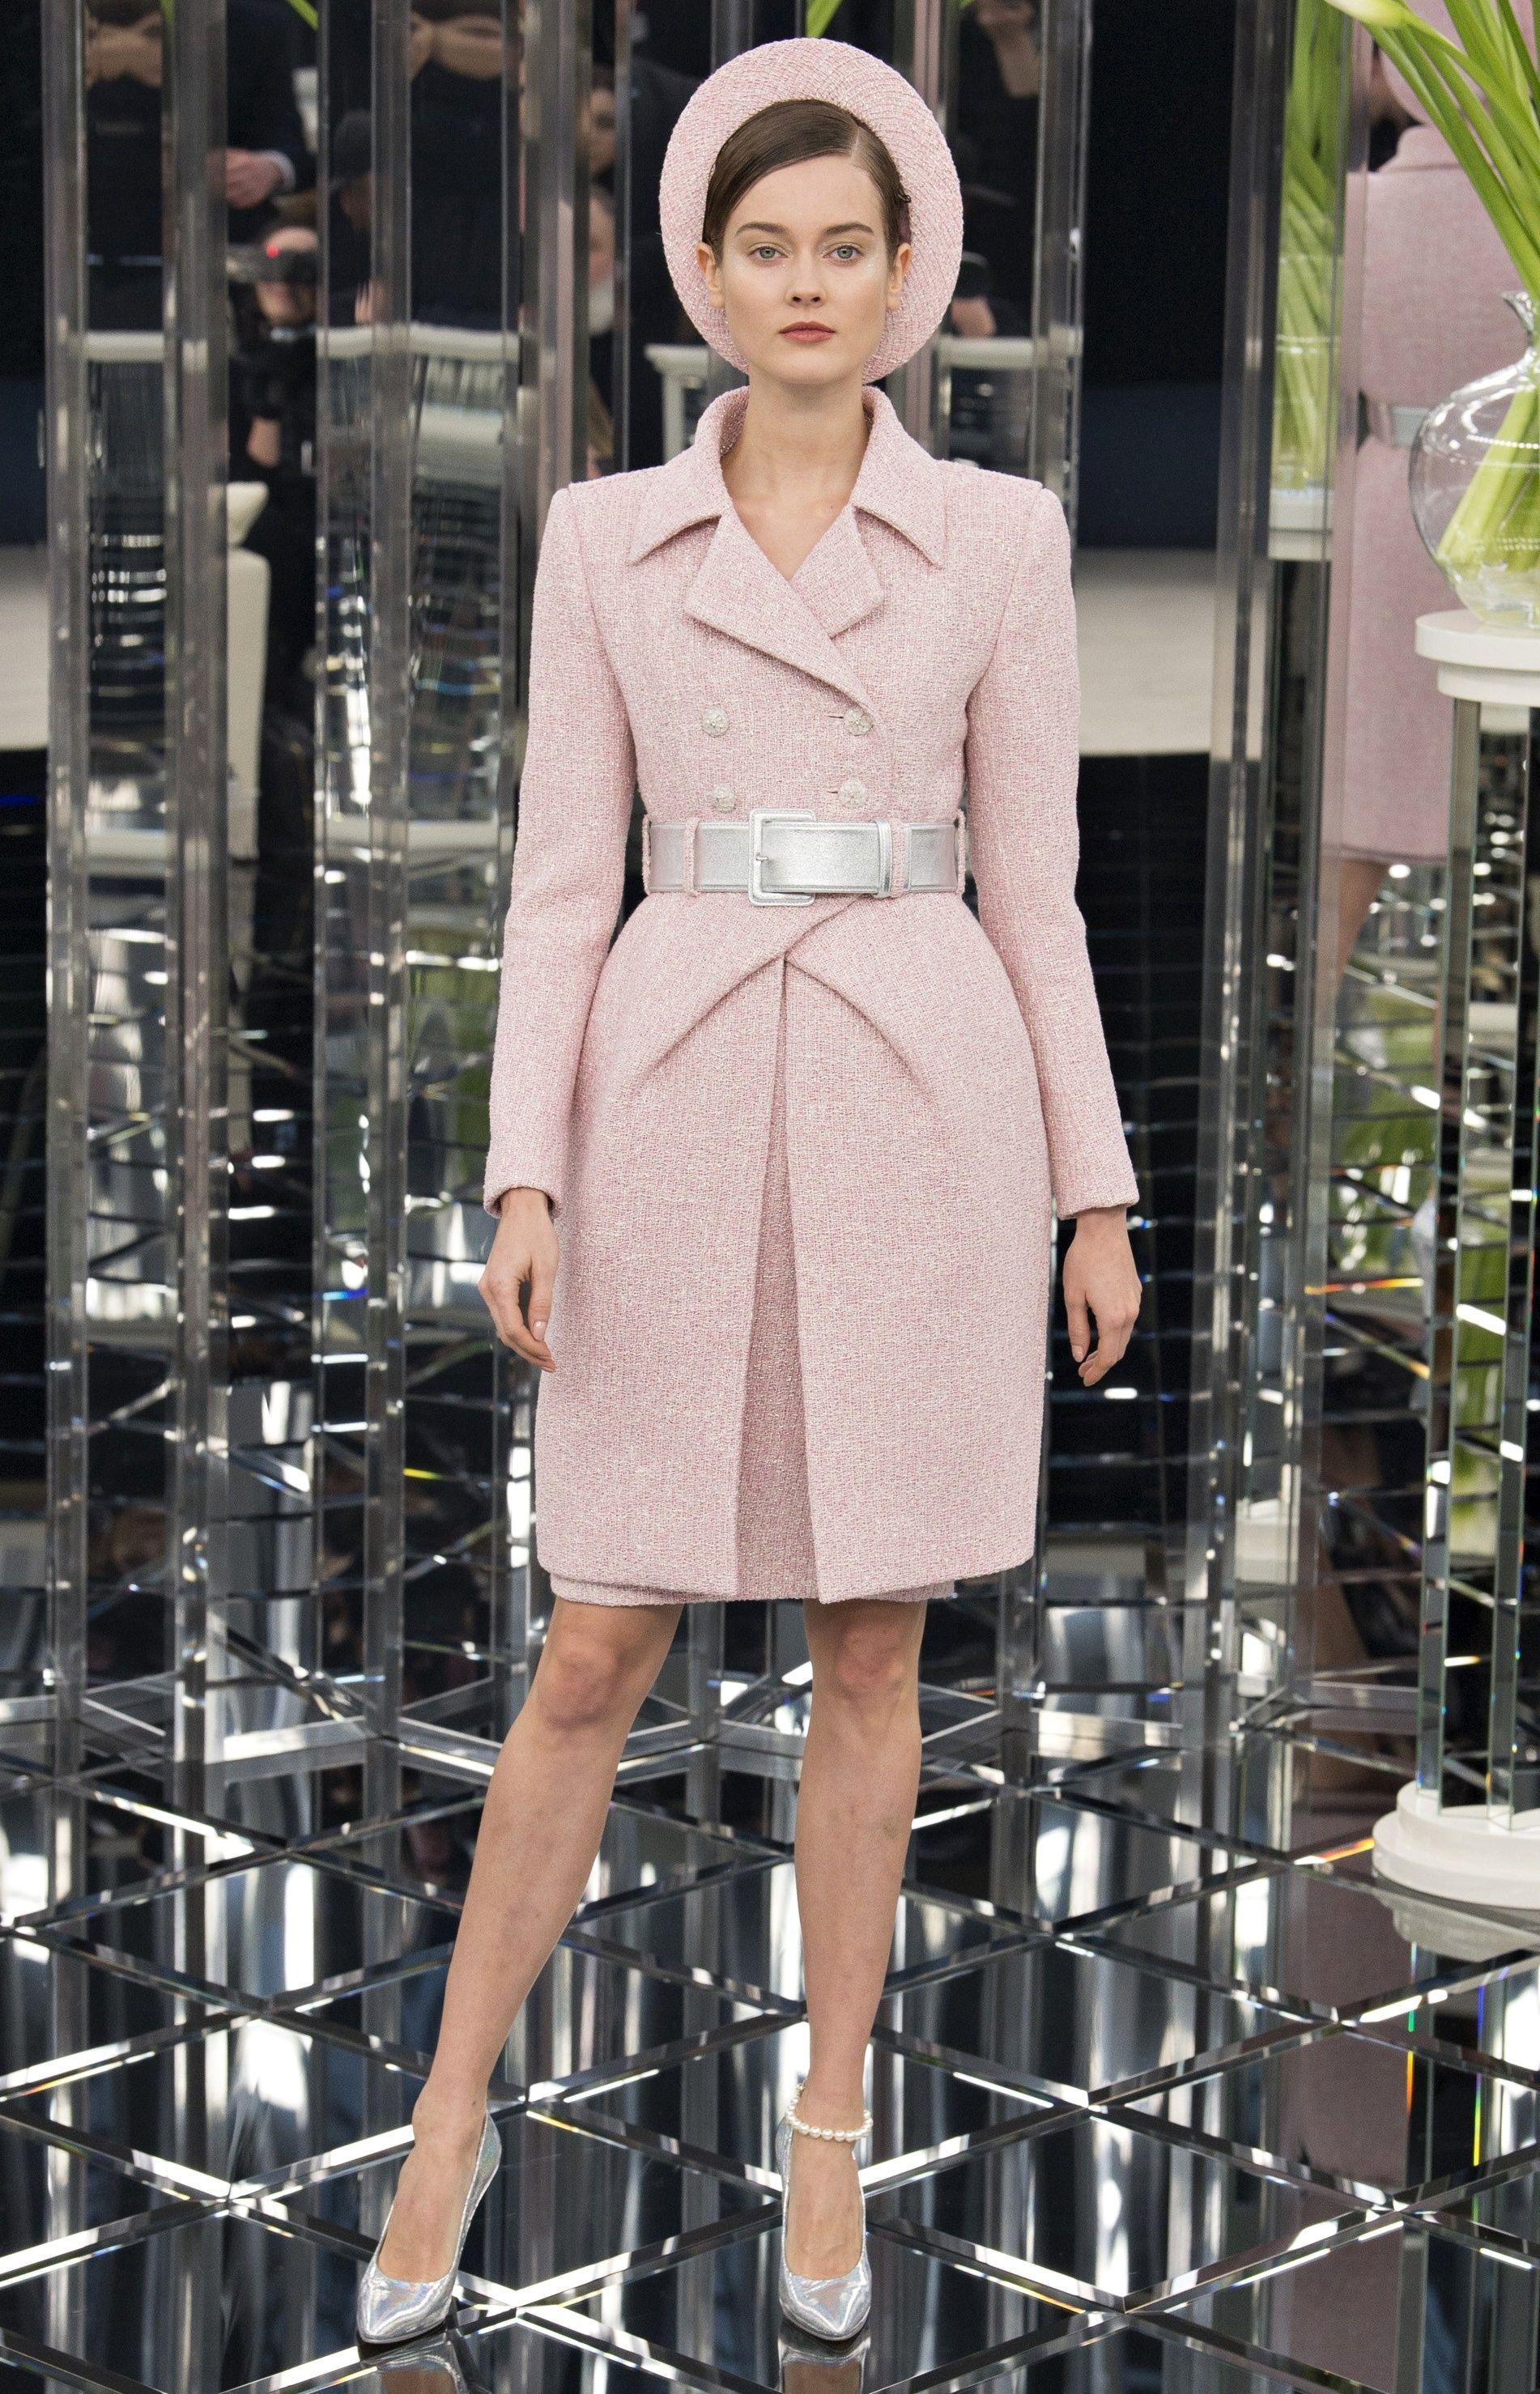 Elie Saab Spring 2021 Couture Fashion Show em 2021